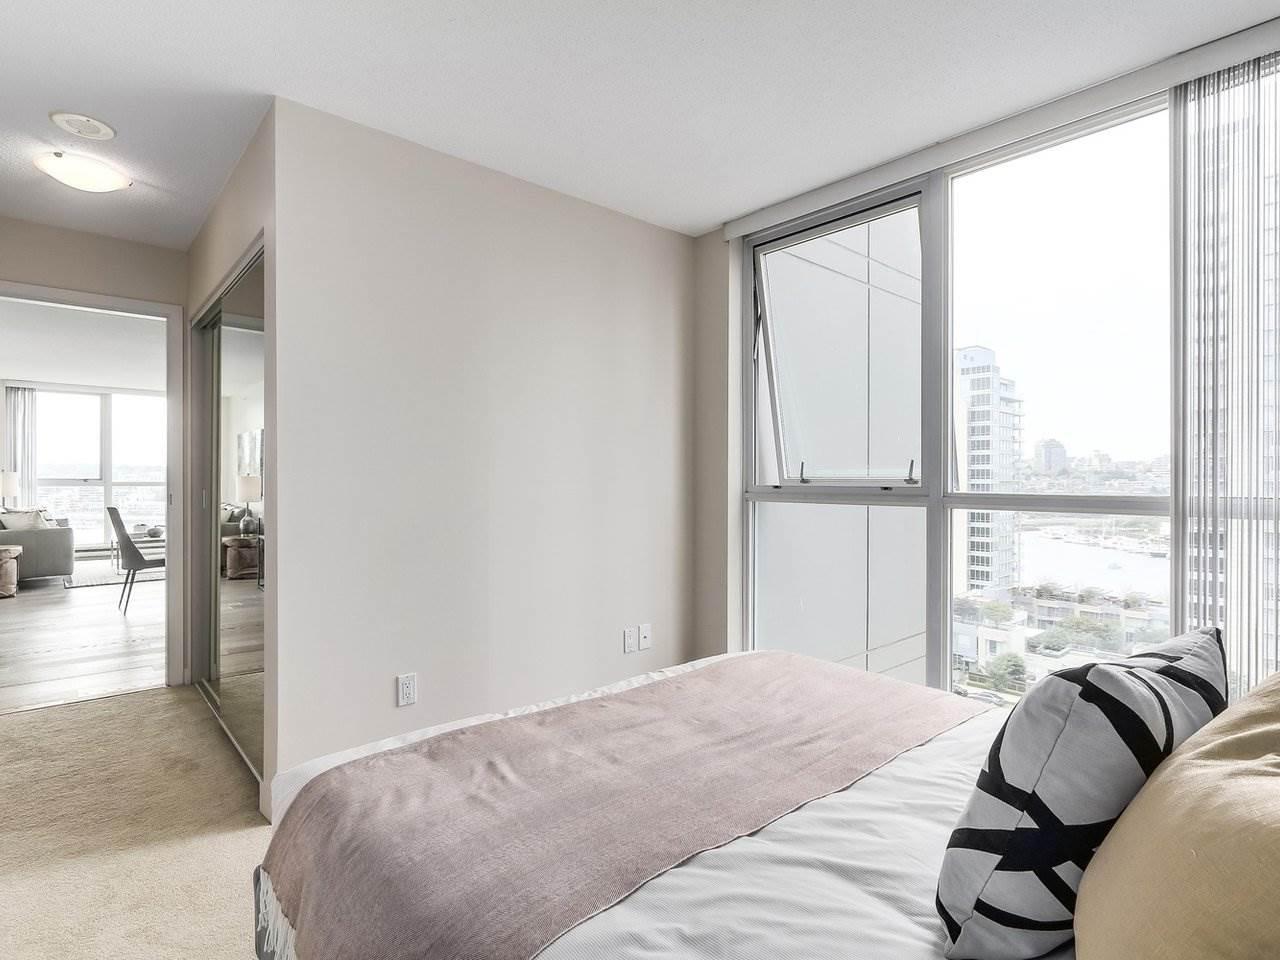 Condo Apartment at 1102 1408 STRATHMORE MEWS, Unit 1102, Vancouver West, British Columbia. Image 11